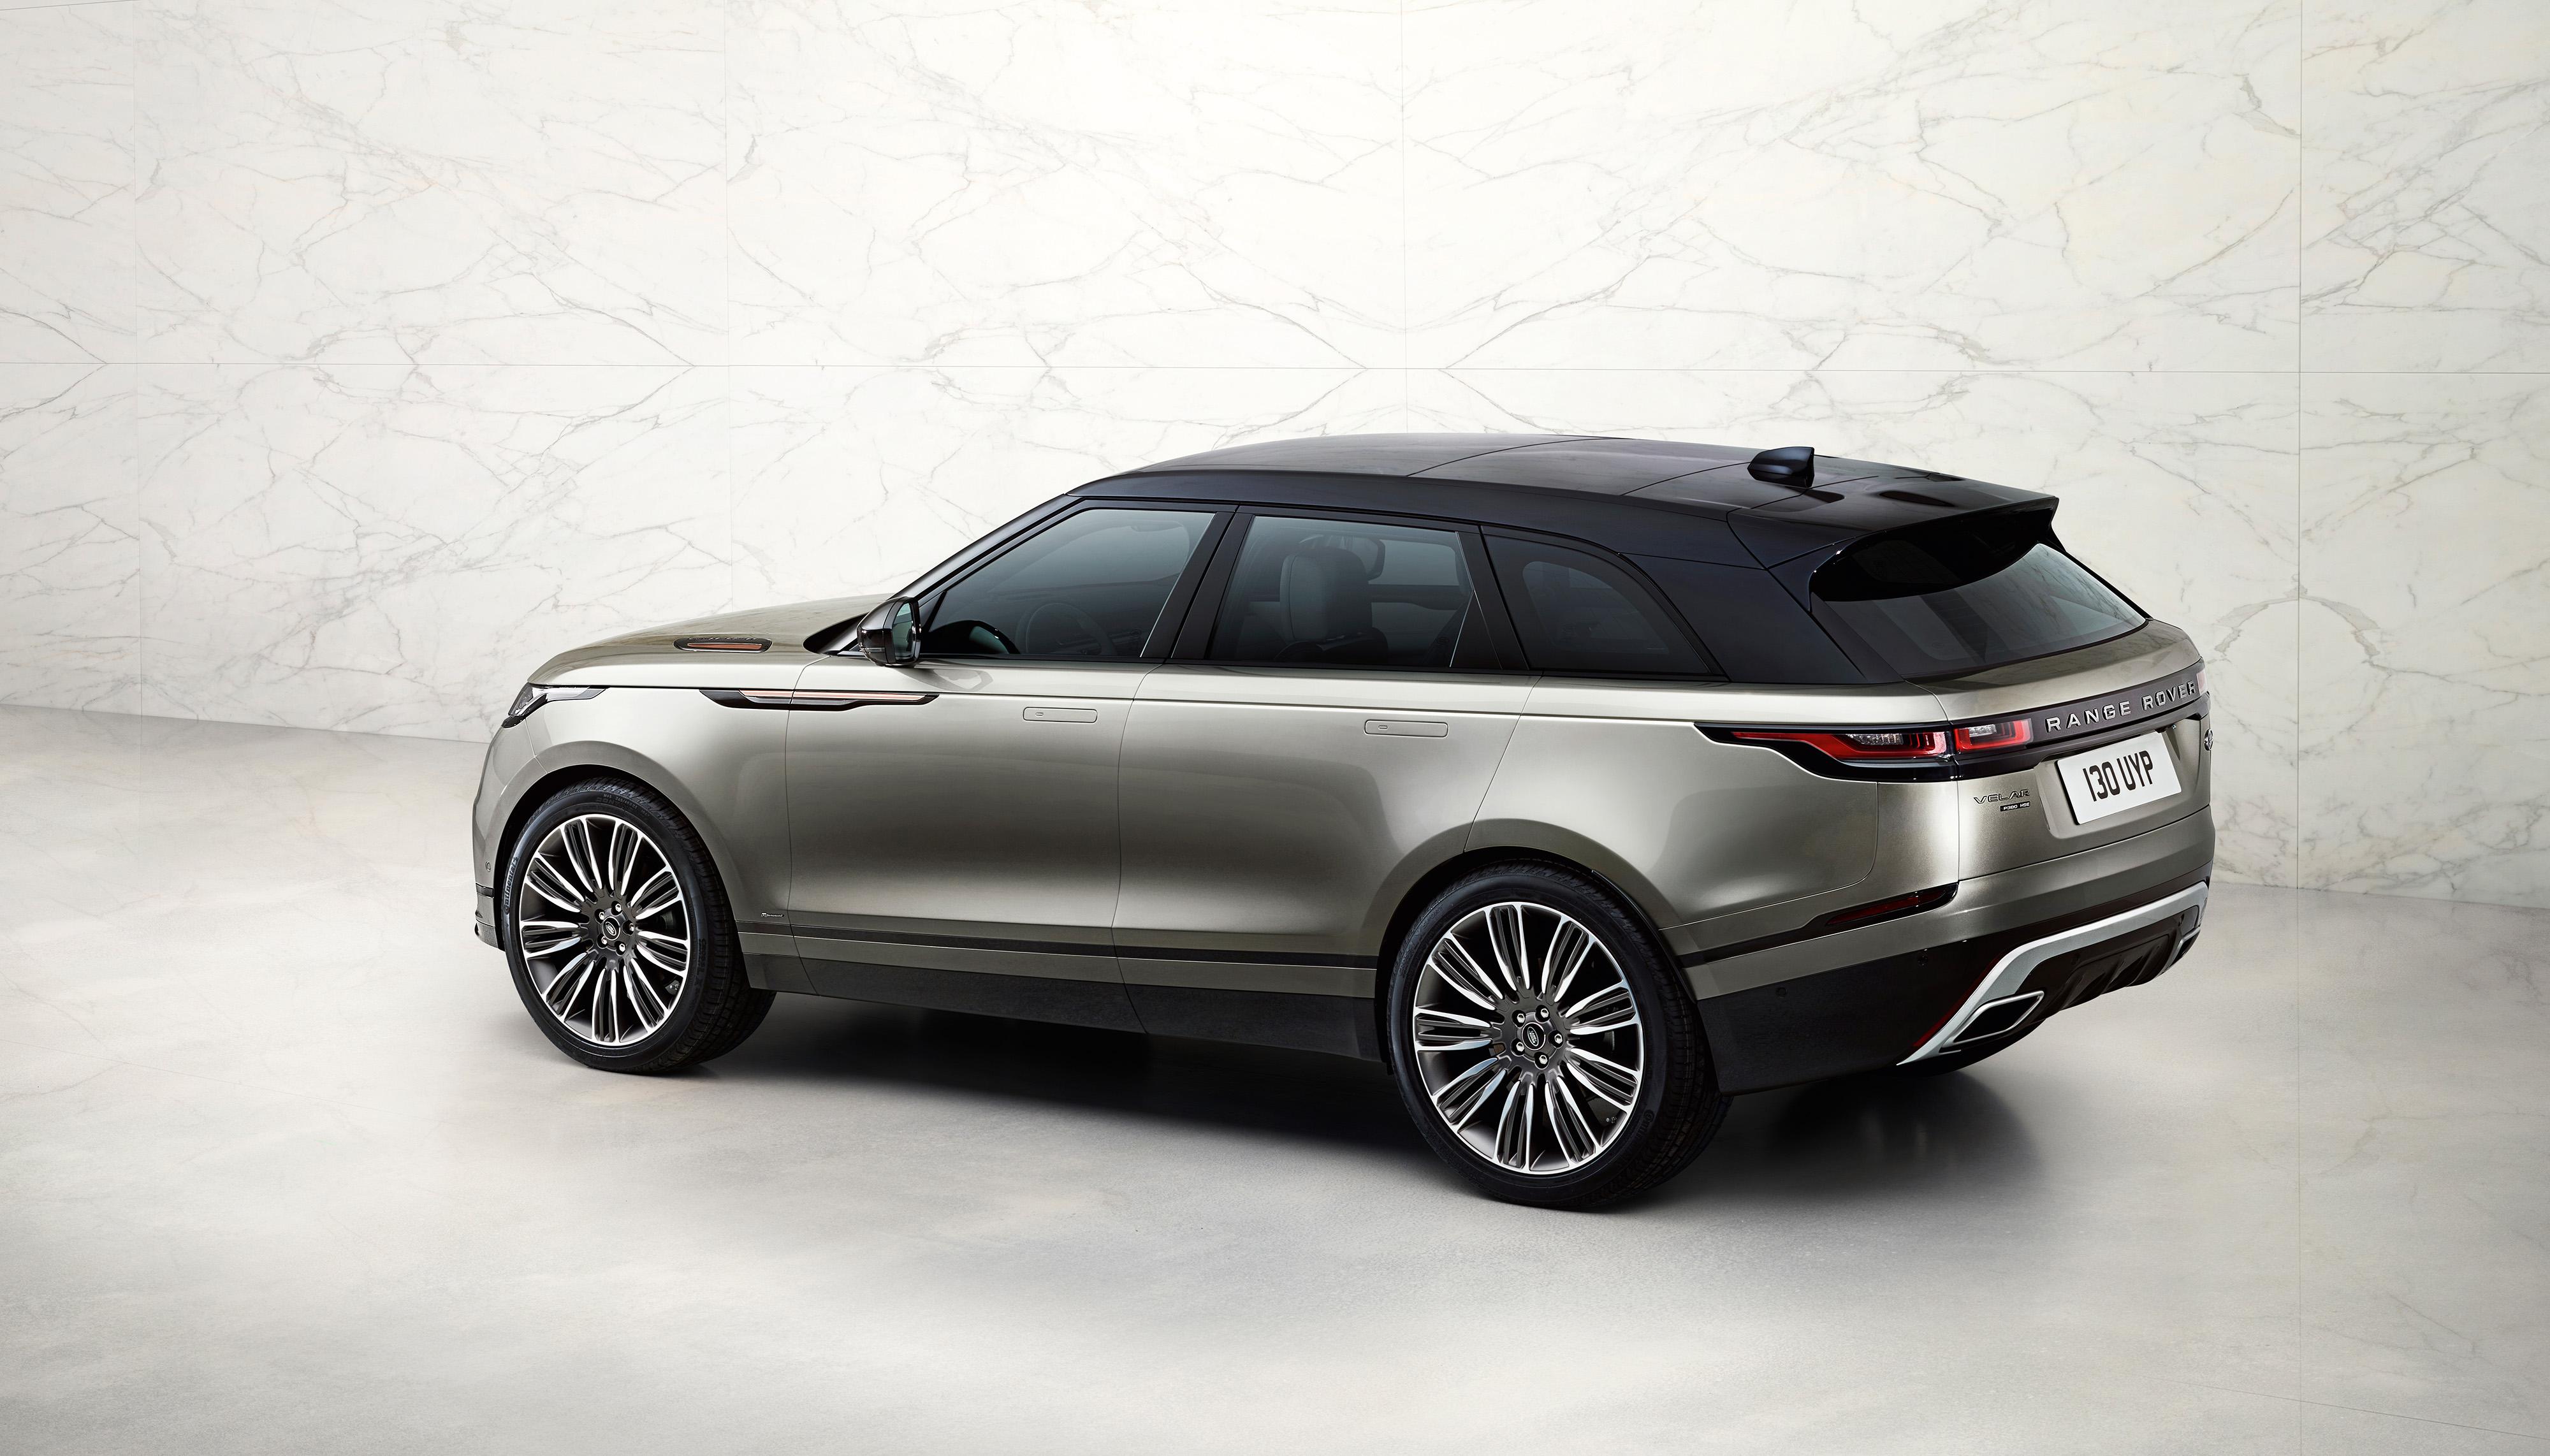 New 2018 Mini Me Range Rover Velar Debuts in London [News] The